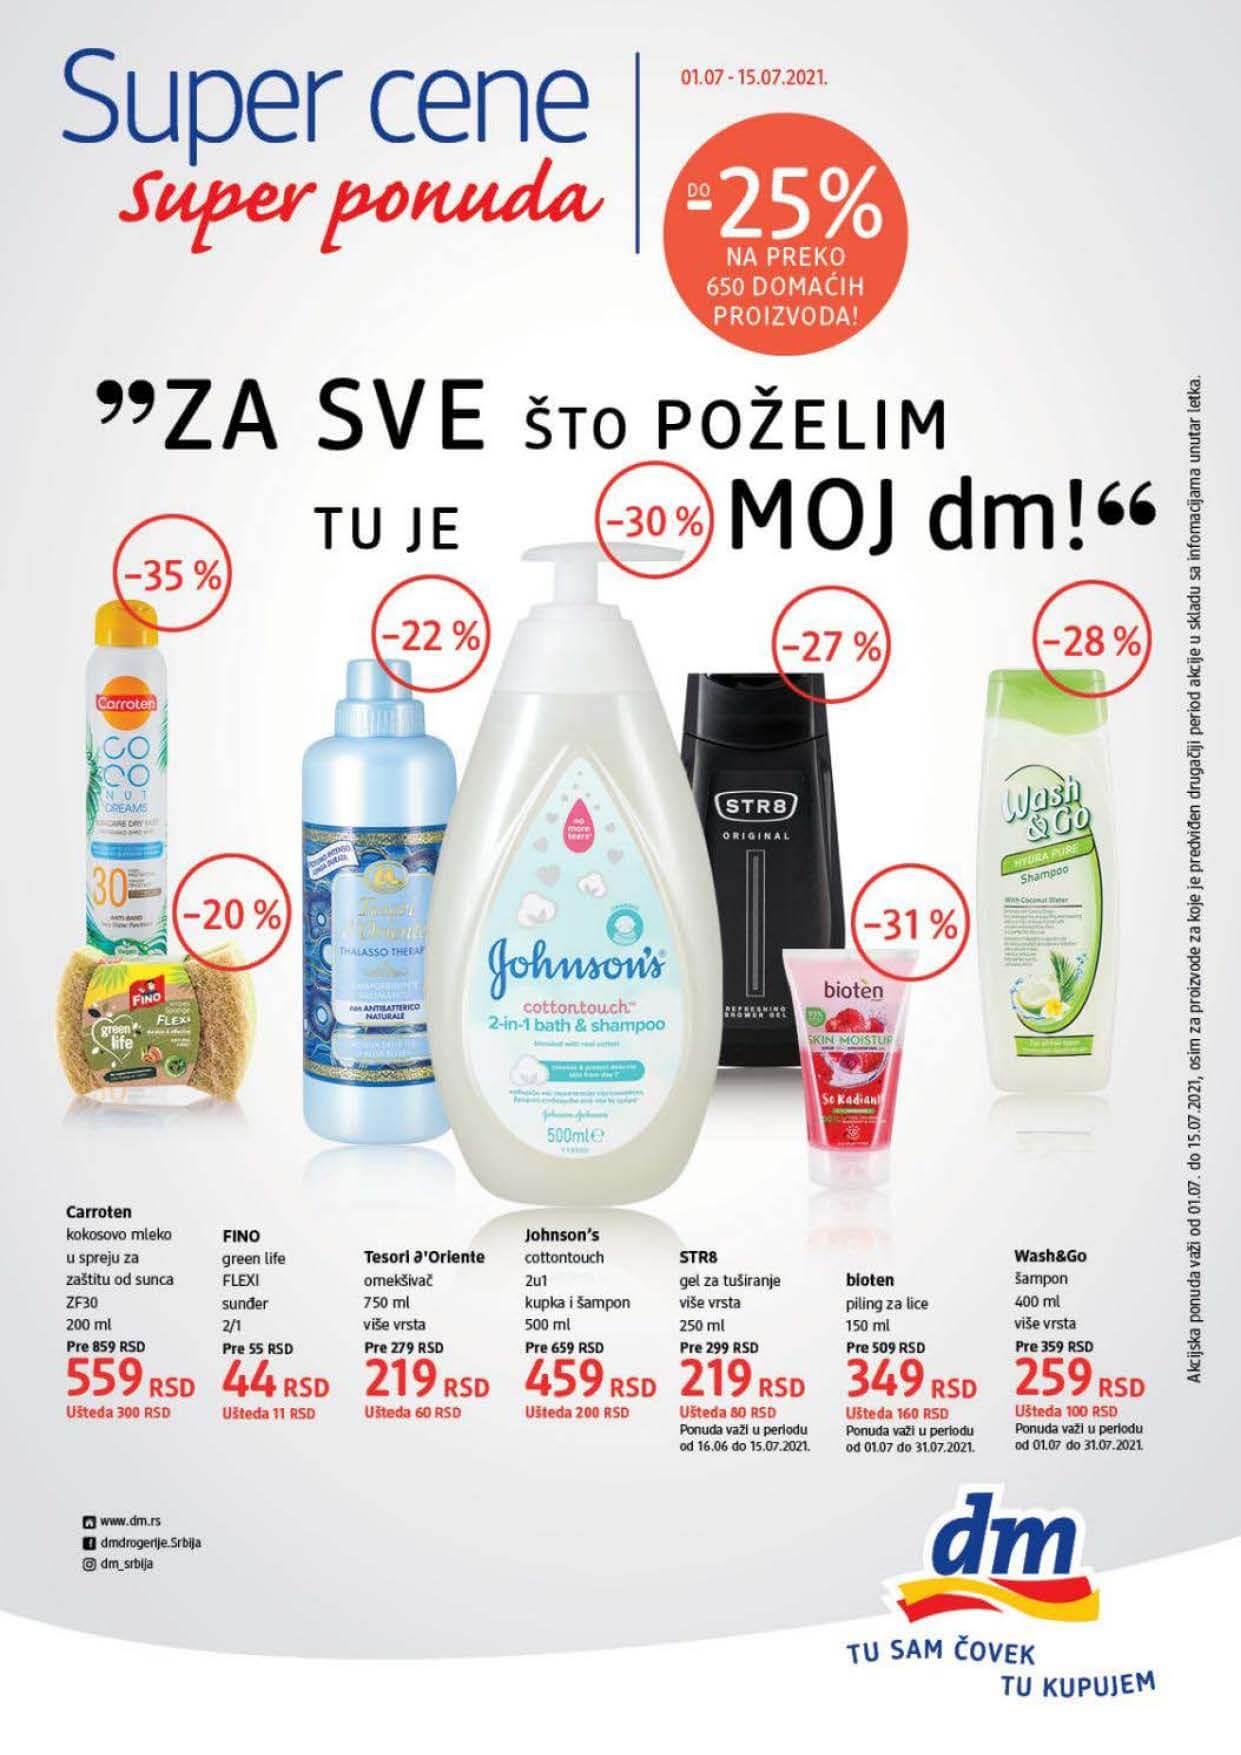 DM Katalog Srbija Super cene Super Ponuda JUL 2021 01.07. 15.07.2021. Page 1